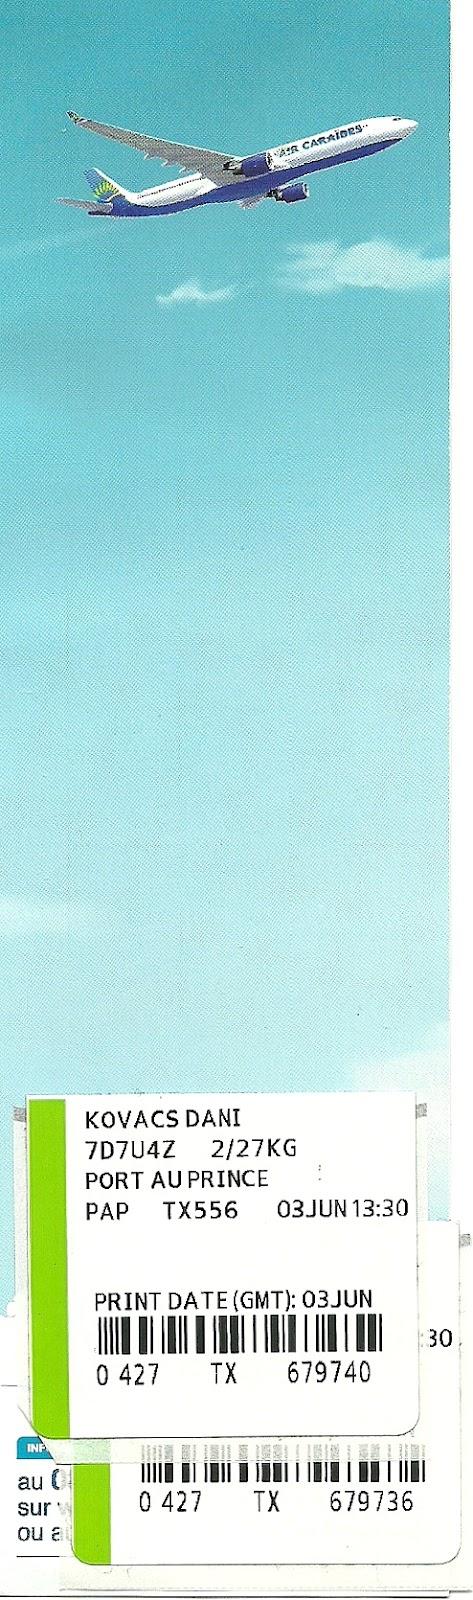 The traveler 39 s drawer air cara bes carte d 39 acc s bord - Vol paris port au prince air caraibes ...